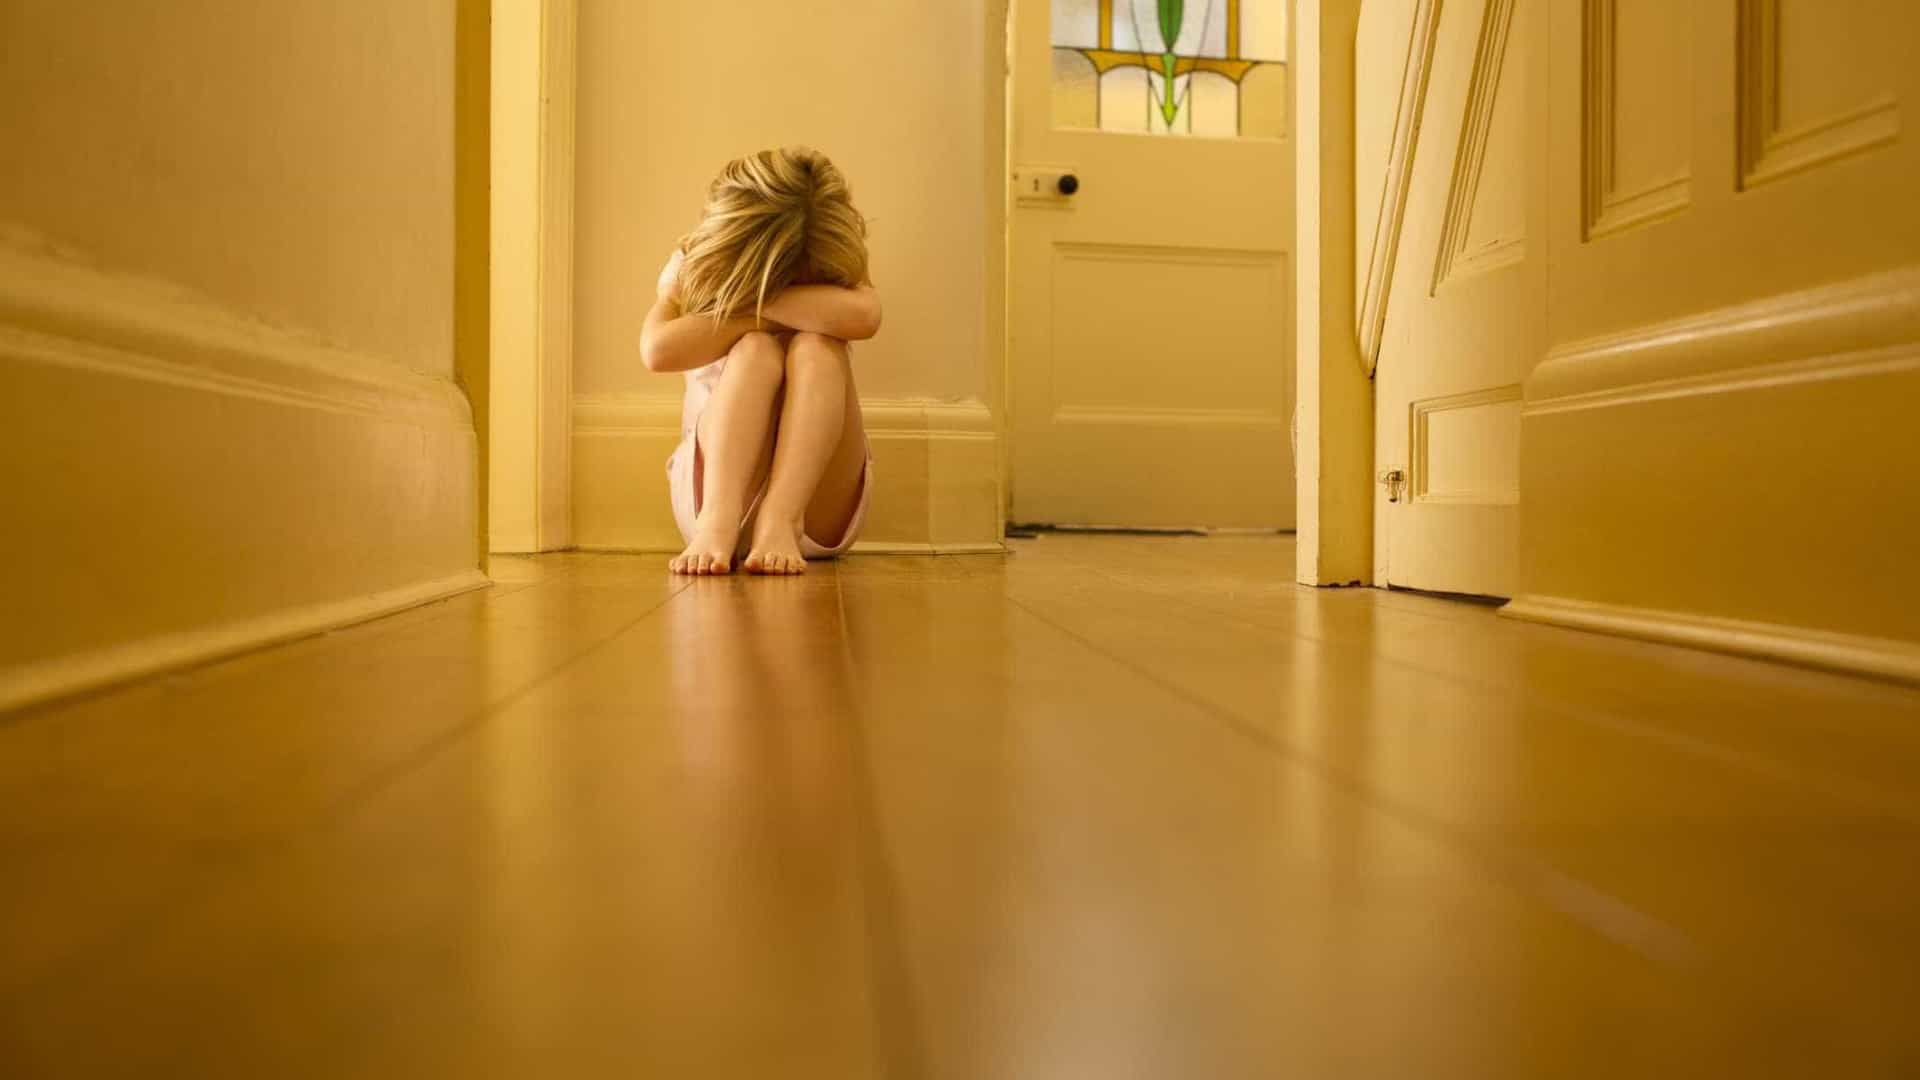 Loulé: Detido homem por abuso sexual da filha de 12 anos